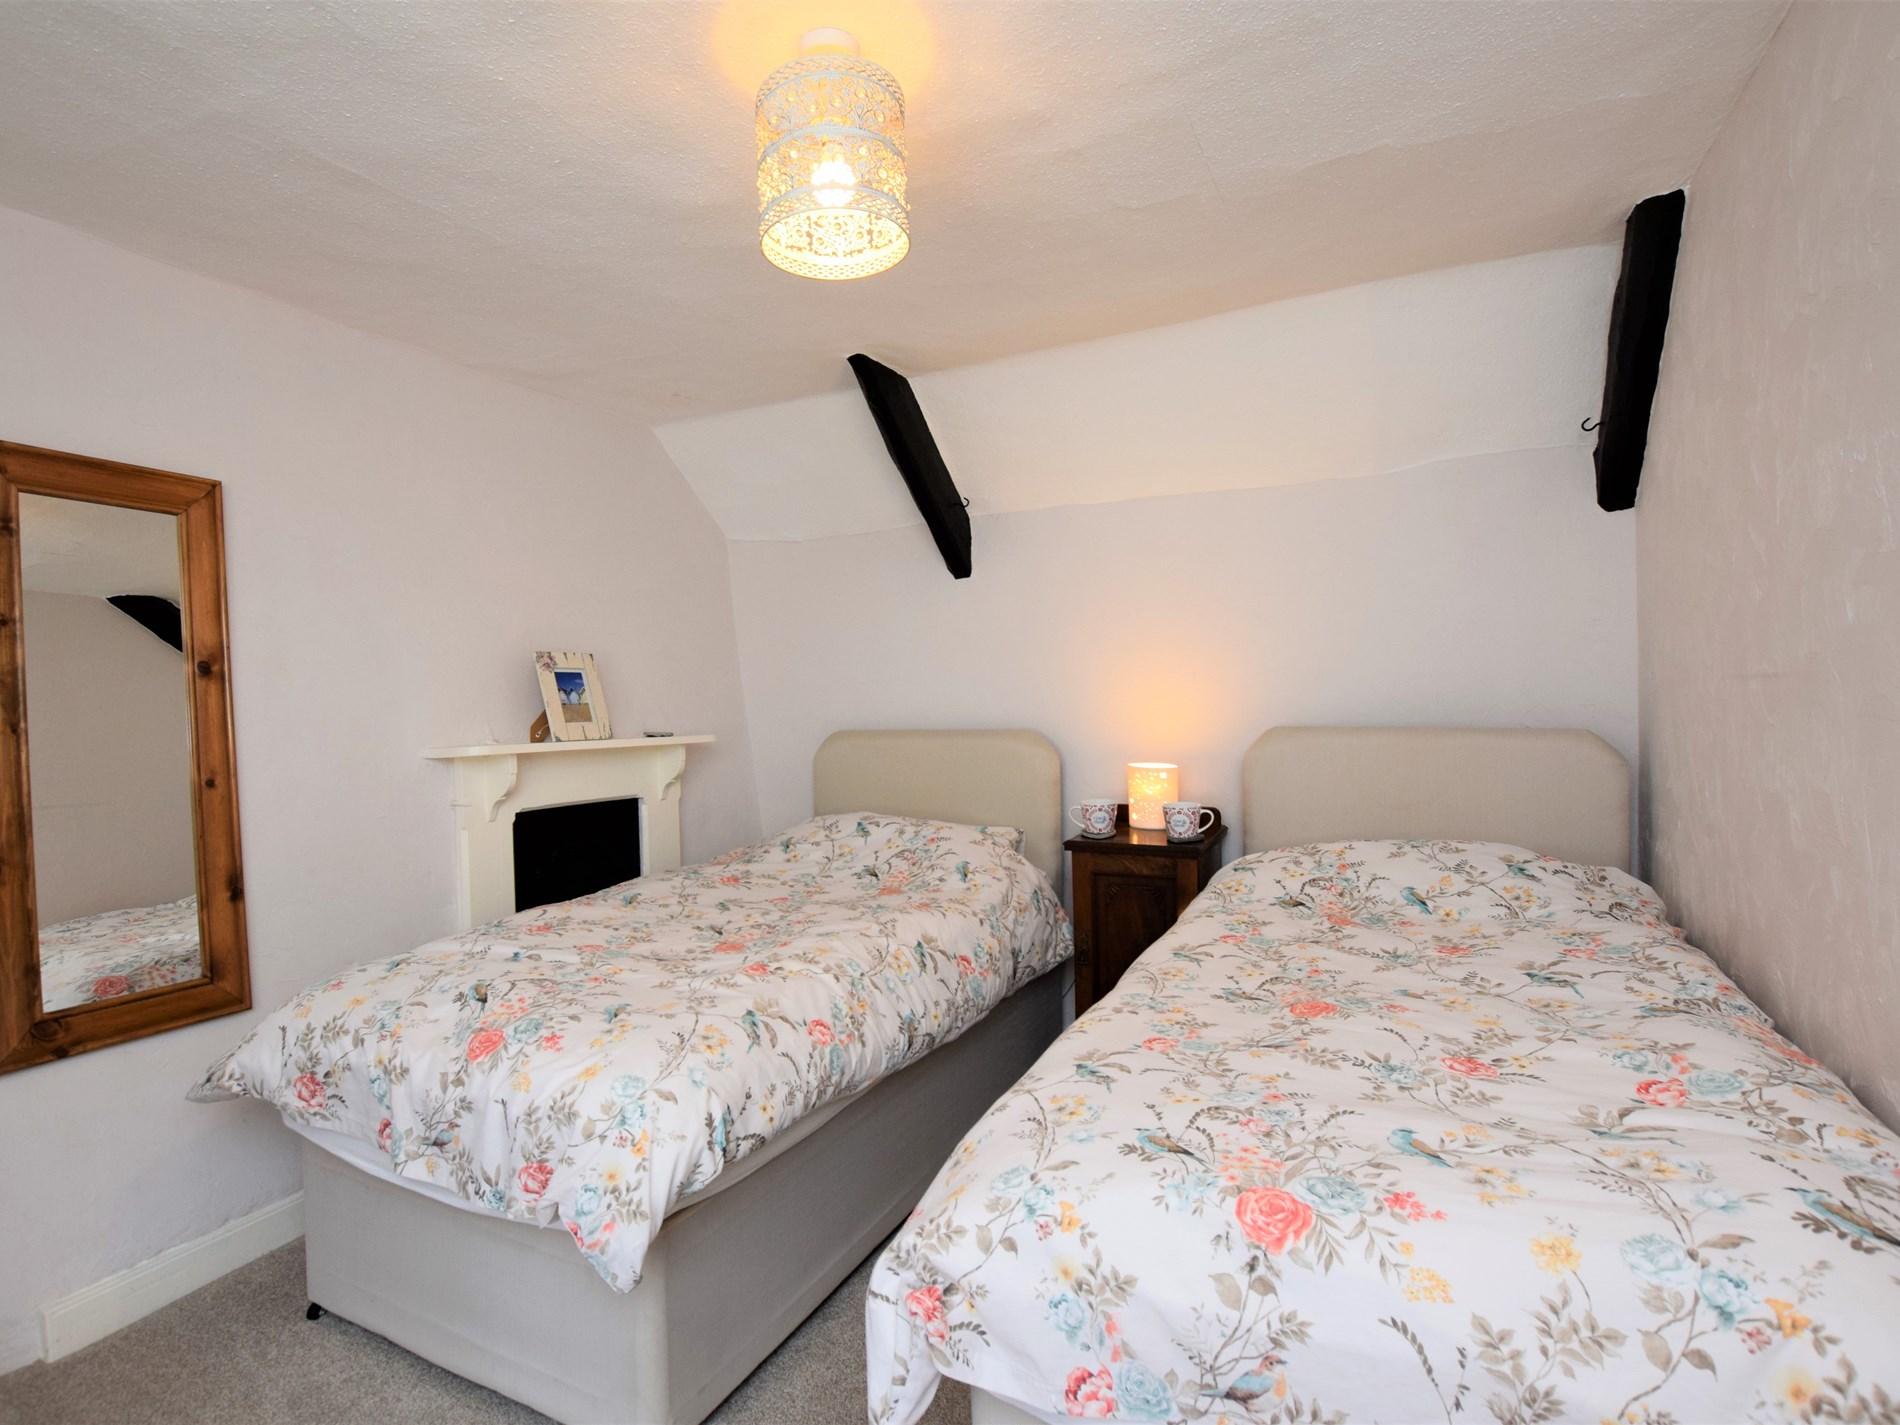 2 Bedroom Cottage in Bridgwater, Dorset and Somerset